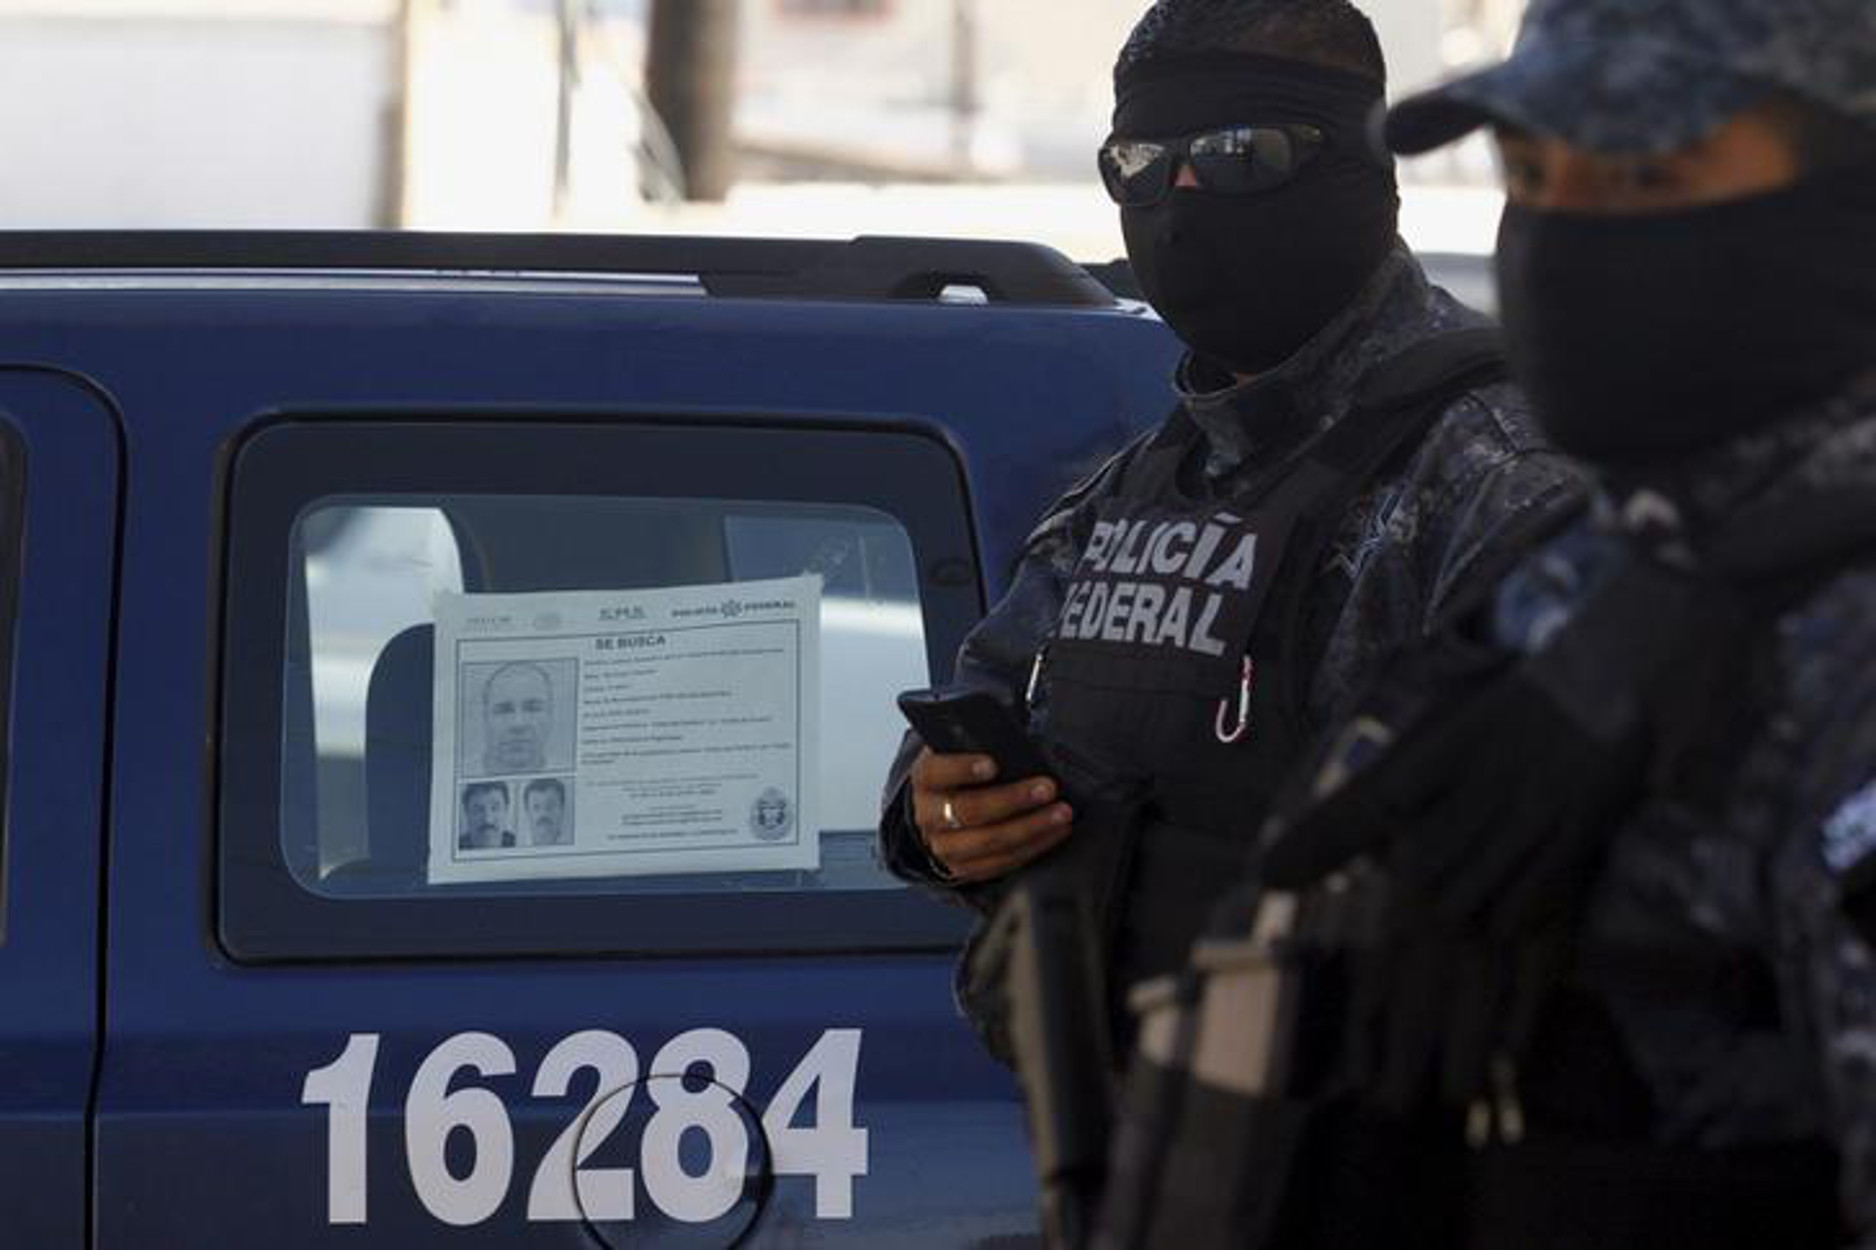 Μεξικό: Σύλληψη δημάρχου για συνέργεια στη δολοφονία της δημοσιογράφου Μιροσλάβα Μπριτς